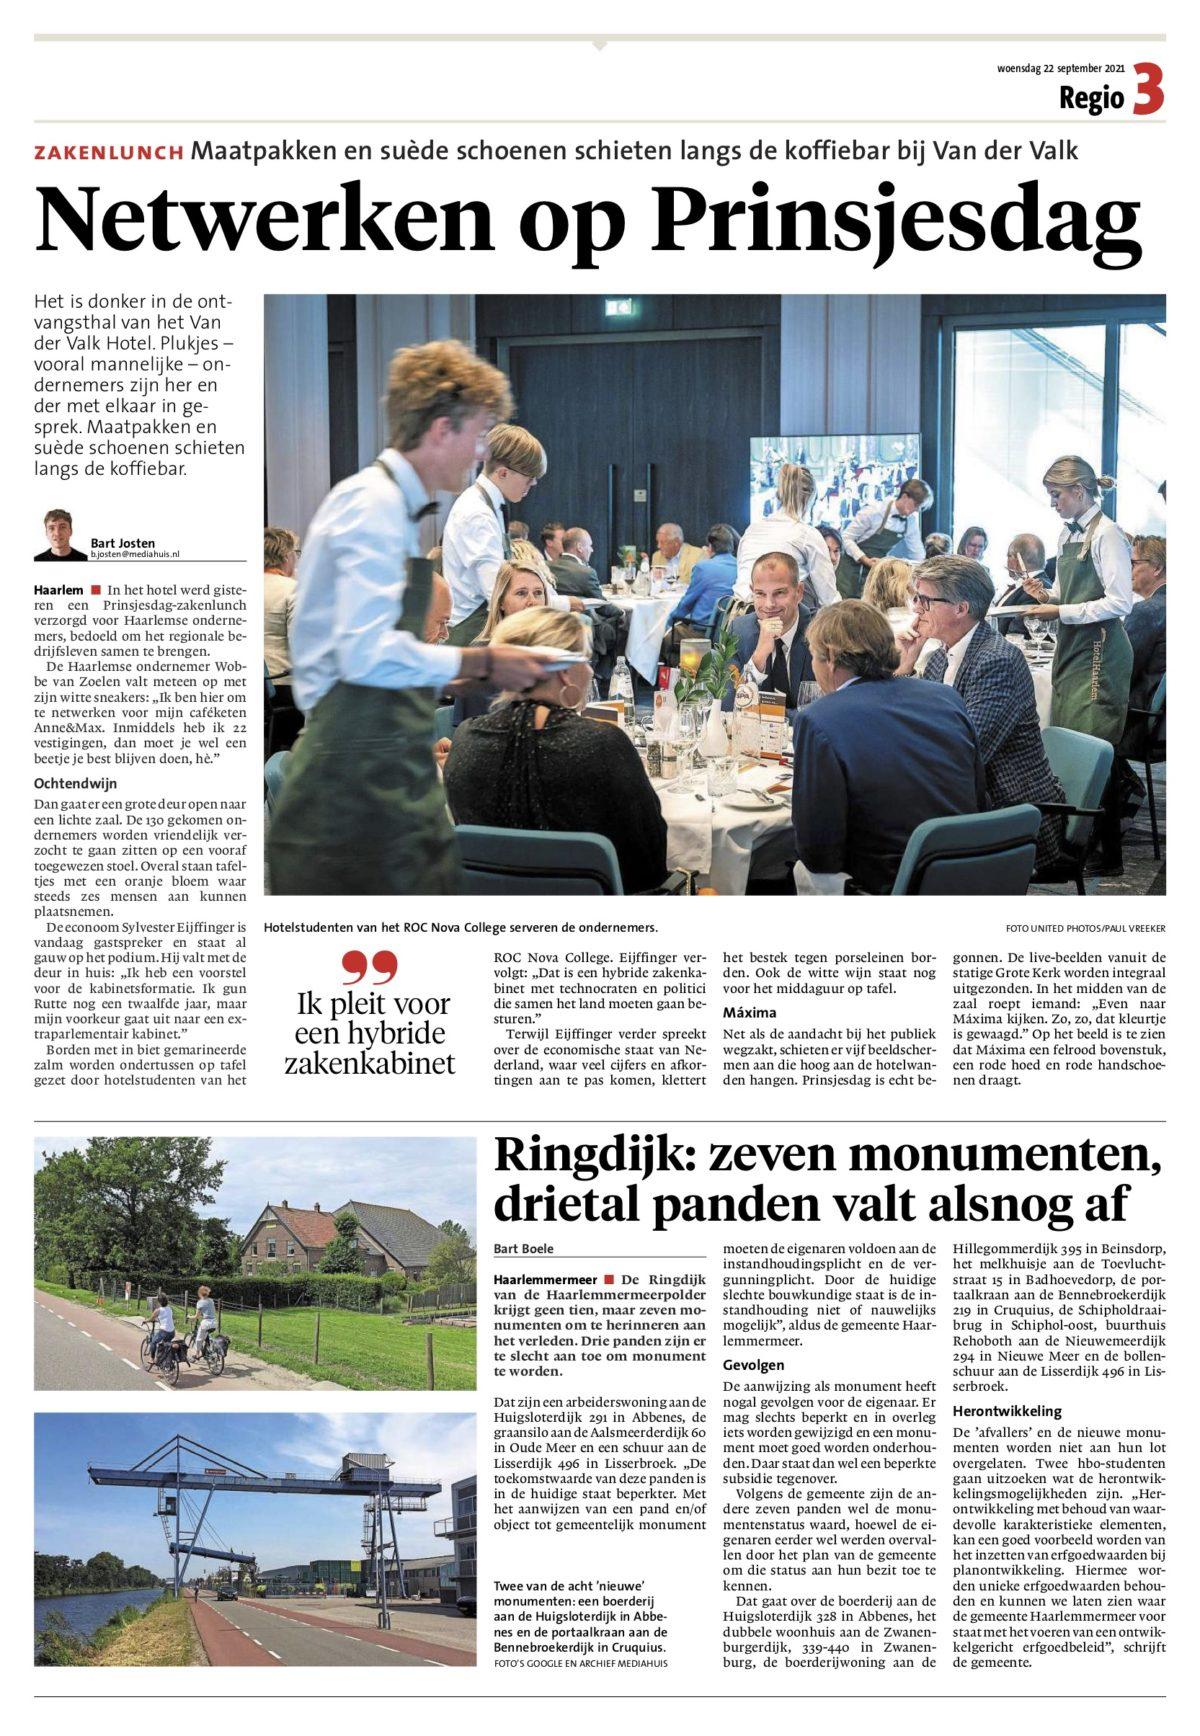 haarlemse-prinsjesdag-lunch-haarlems-dagblad-22-september-2021 copy